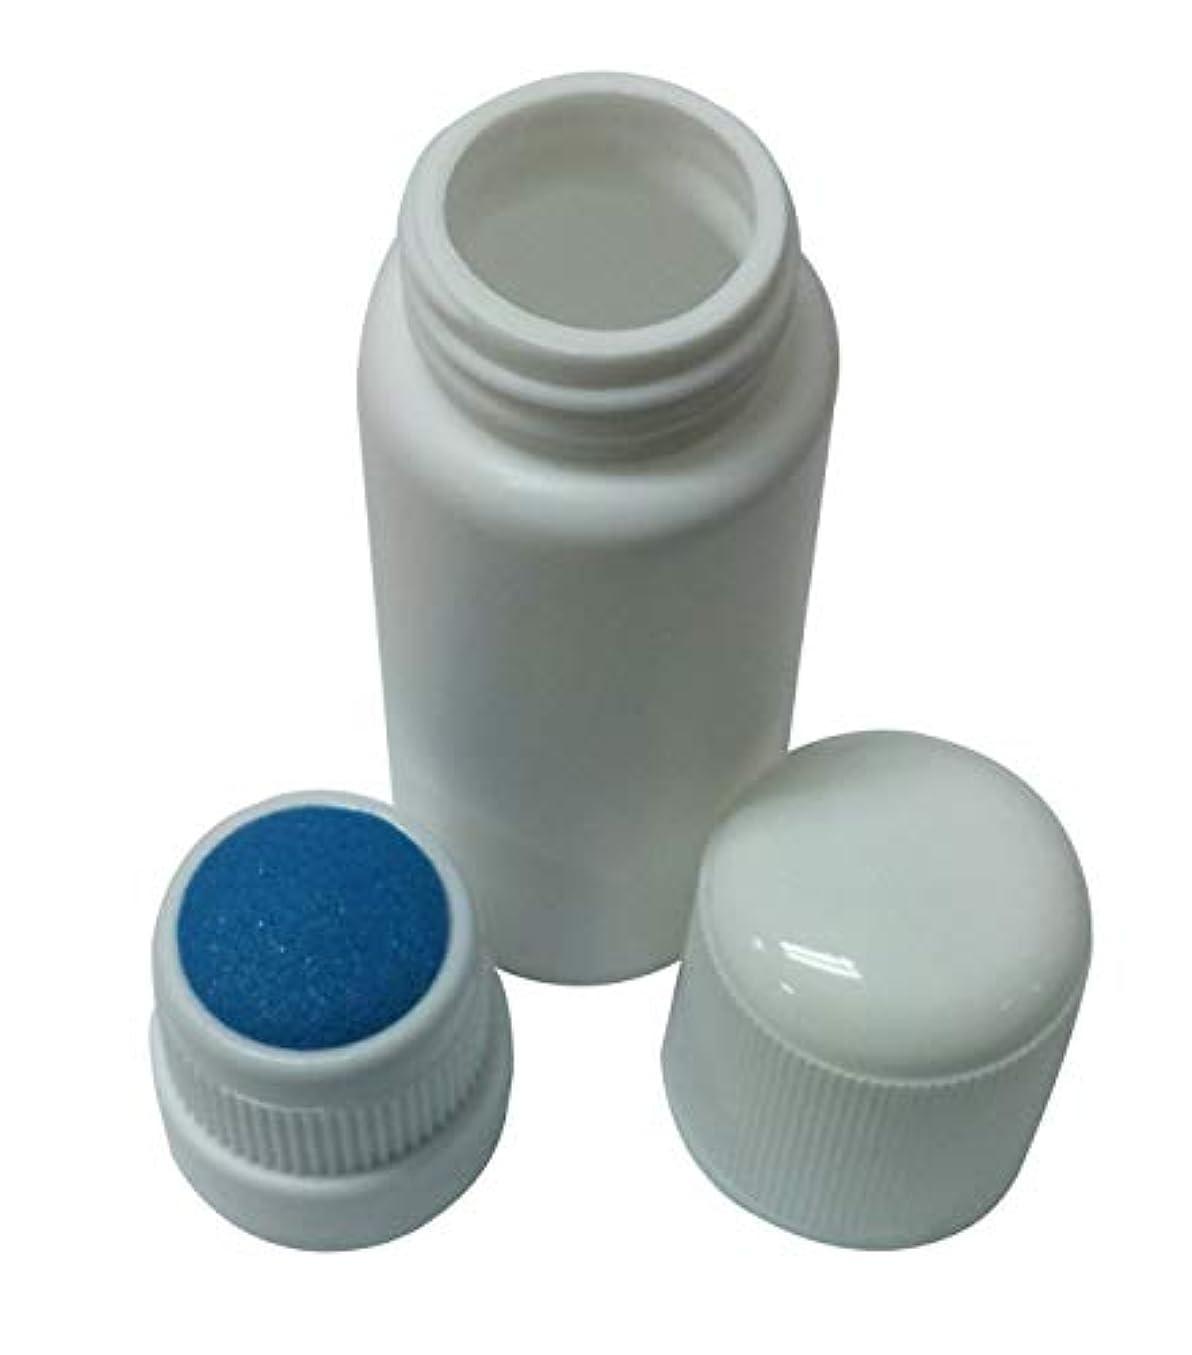 一挽く隣接するプラスチック?ボトル エンプティー Plastic Bottle リキッド メディシン Blue スポンジ Top アプリケーター 30ml 並行輸入